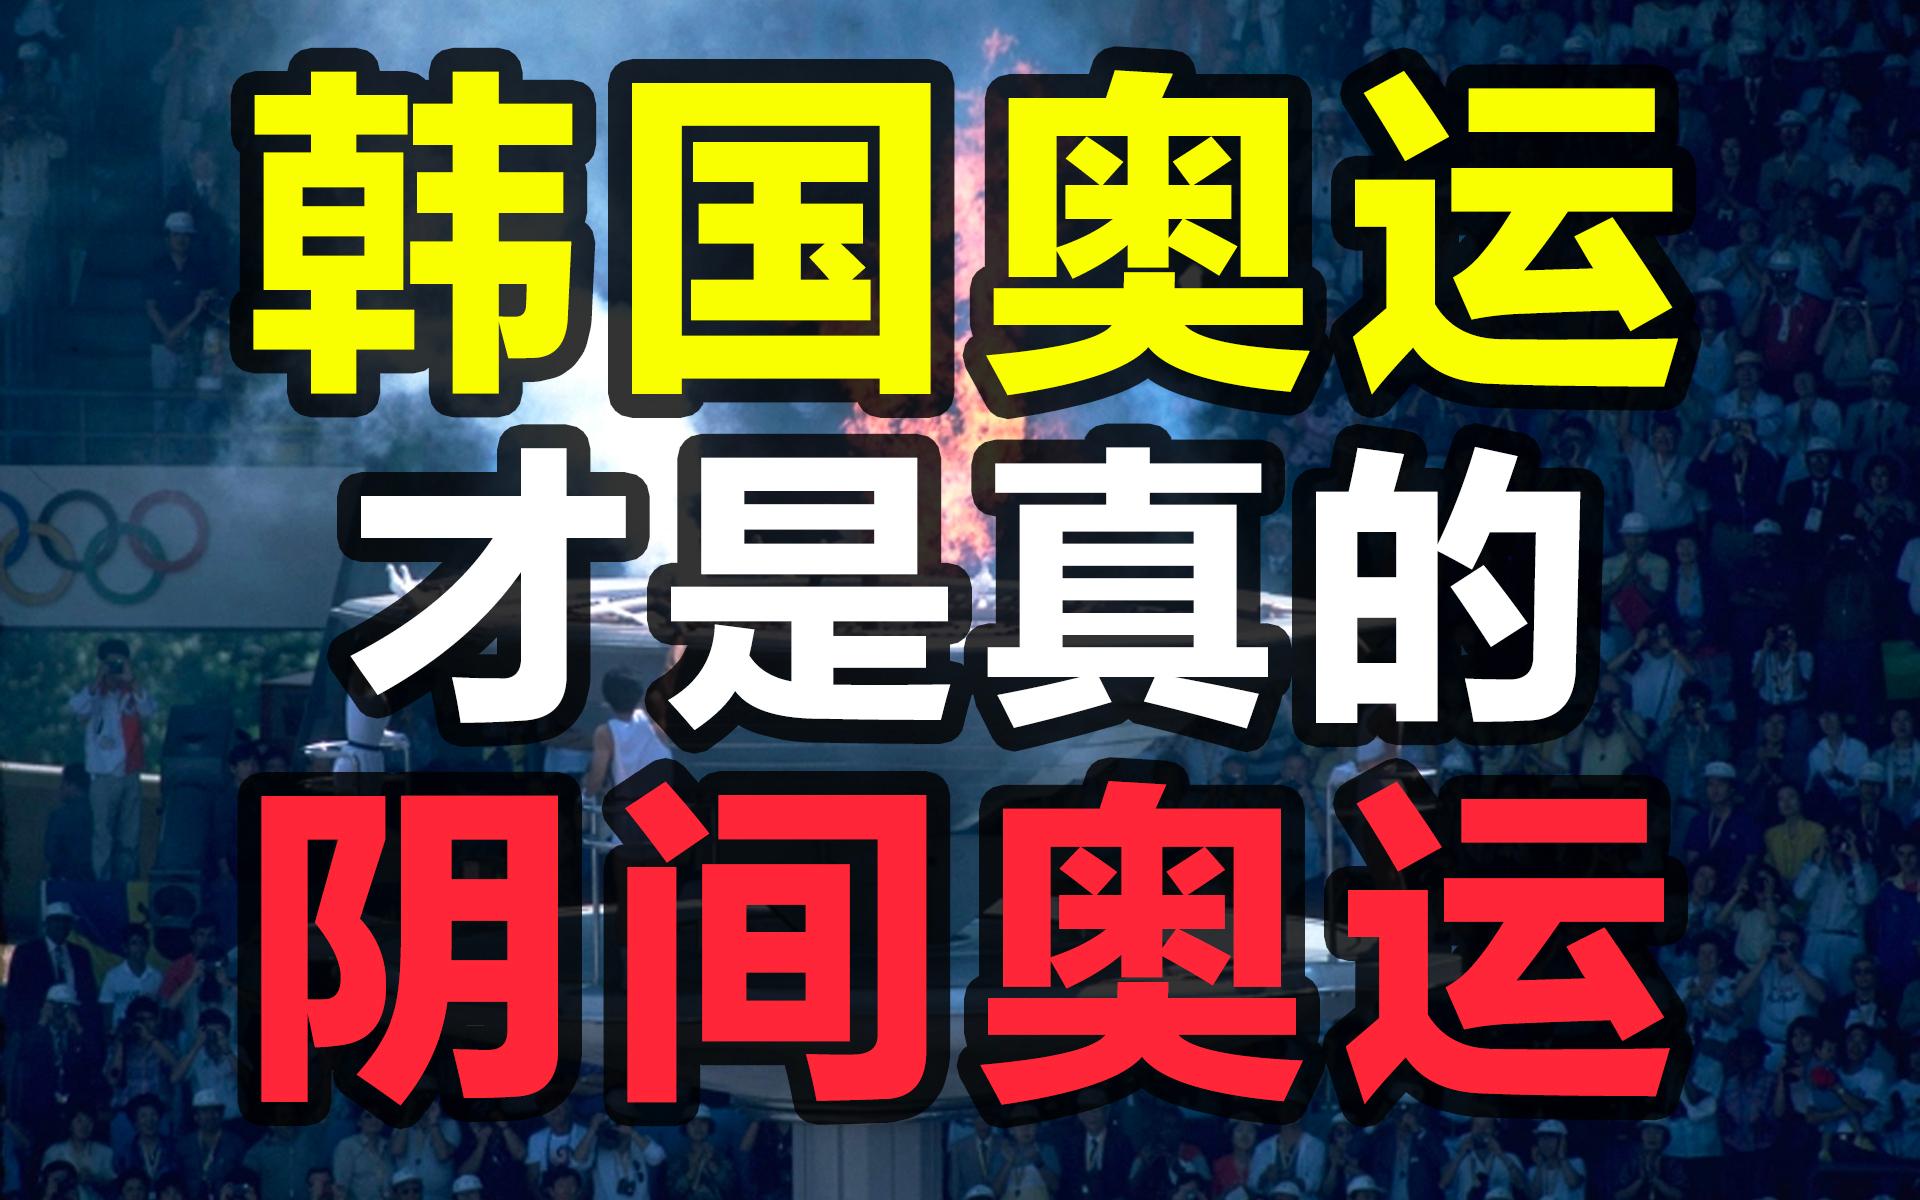 日本阴间?韩国笑了:上街抓人,殴打裁判,这才是奥运最无耻东盗主【马探长】